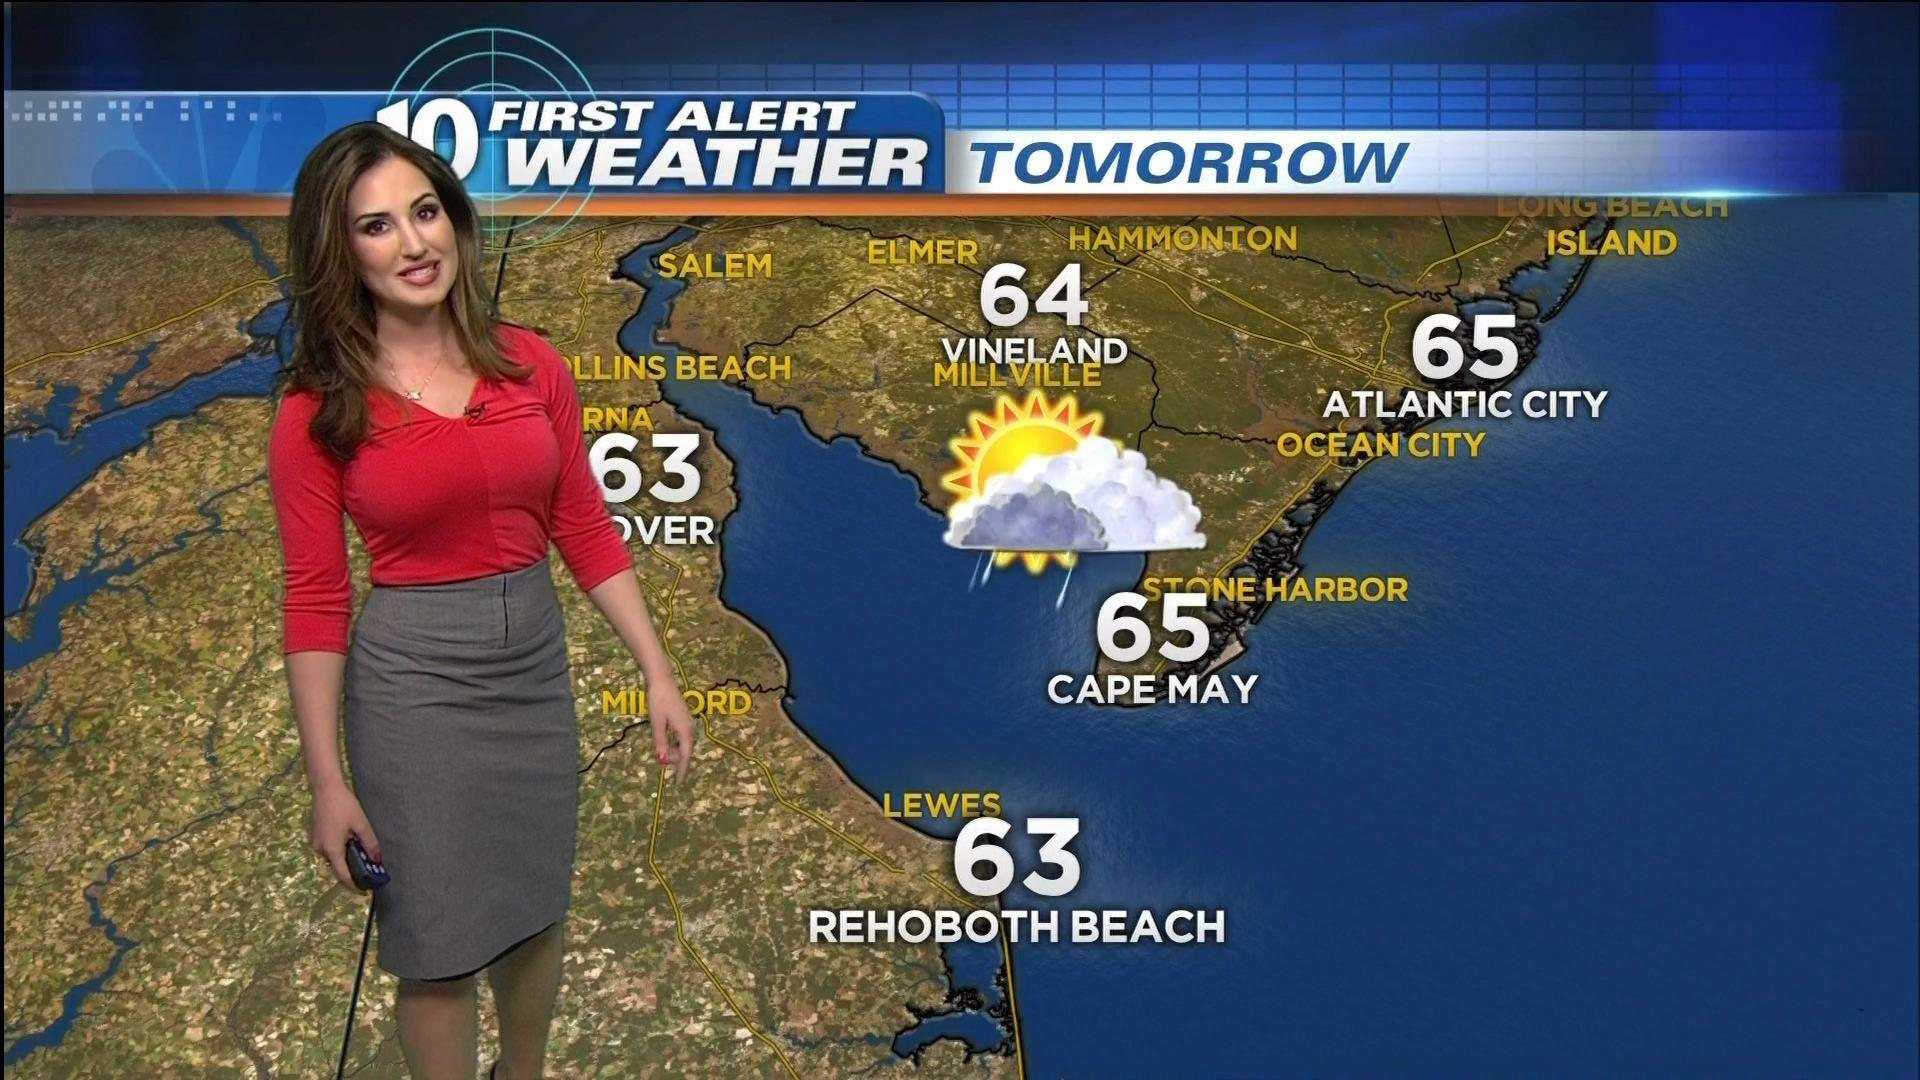 Lucy Verasamy Weather Girls